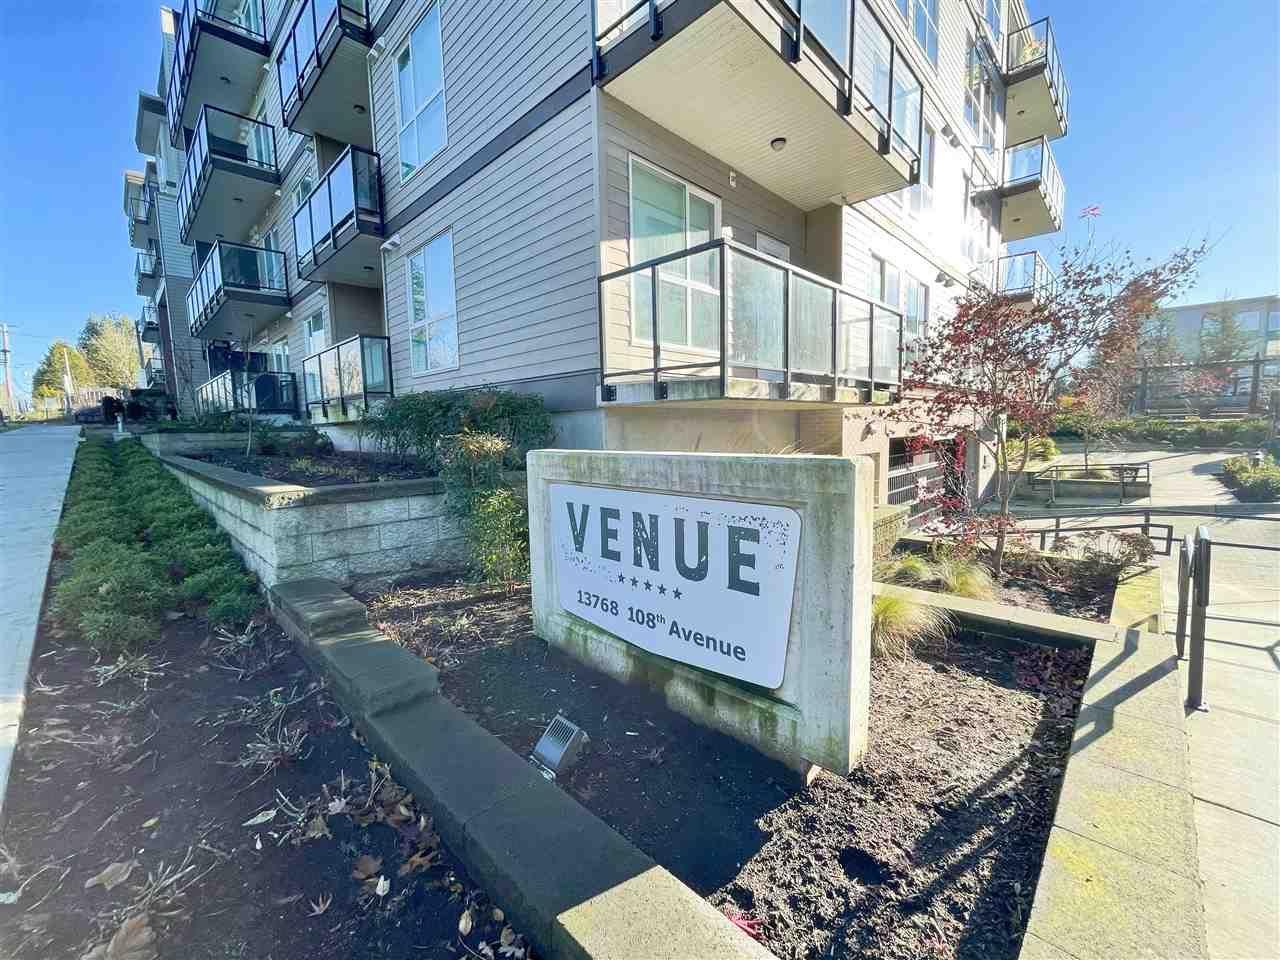 """Main Photo: 430 13768 108 Avenue in Surrey: Whalley Condo for sale in """"VENUE"""" (North Surrey)  : MLS®# R2521627"""